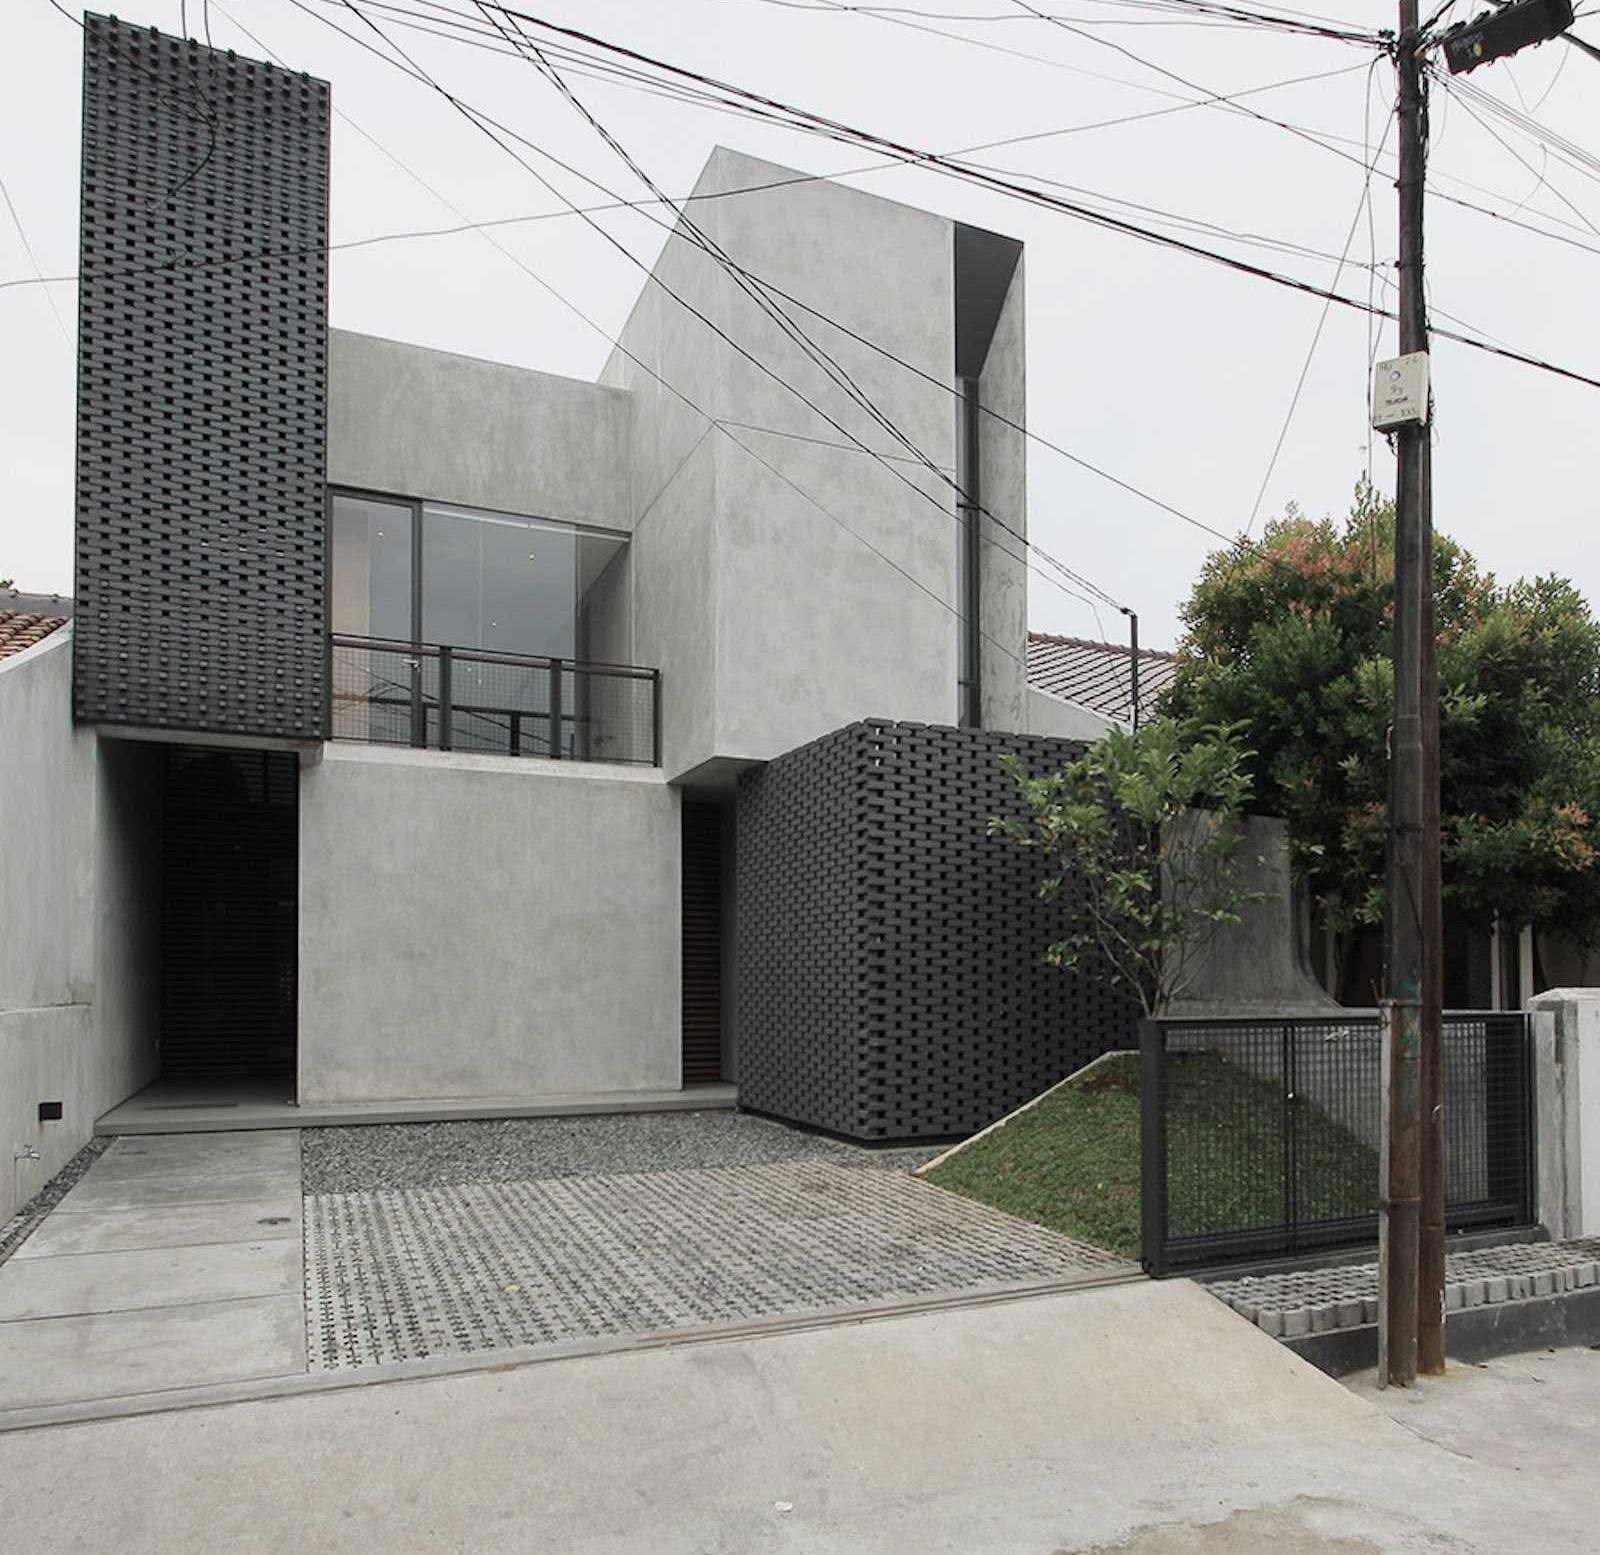 Façade Rumah Sela, Rumah Minimalis dengan Permainan Garis dan Geometri yang Cantik (Sumber: arsitag.com)